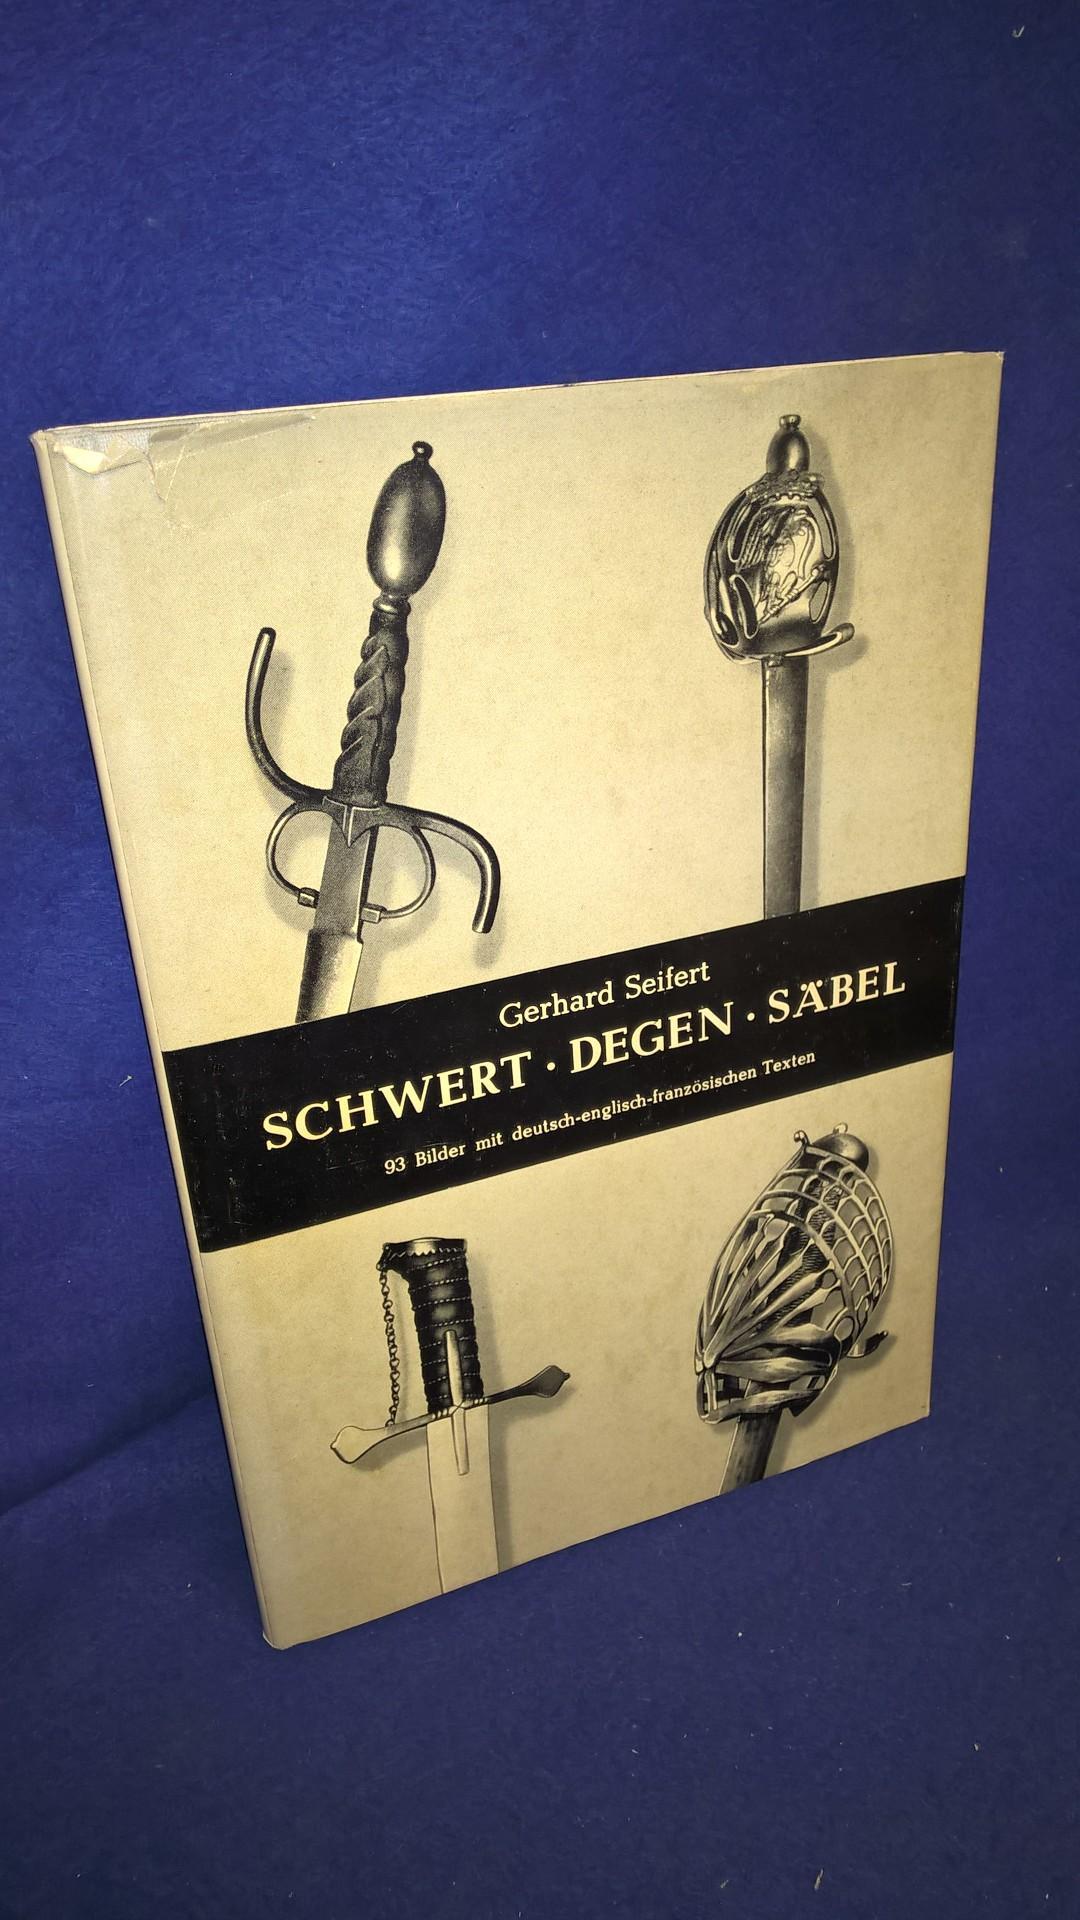 Schwert Degen Säbel. Die Erscheinungsformen der langen Griffwaffen Europas für den Sammler und Liebhaber als Grundriß dargestellt.